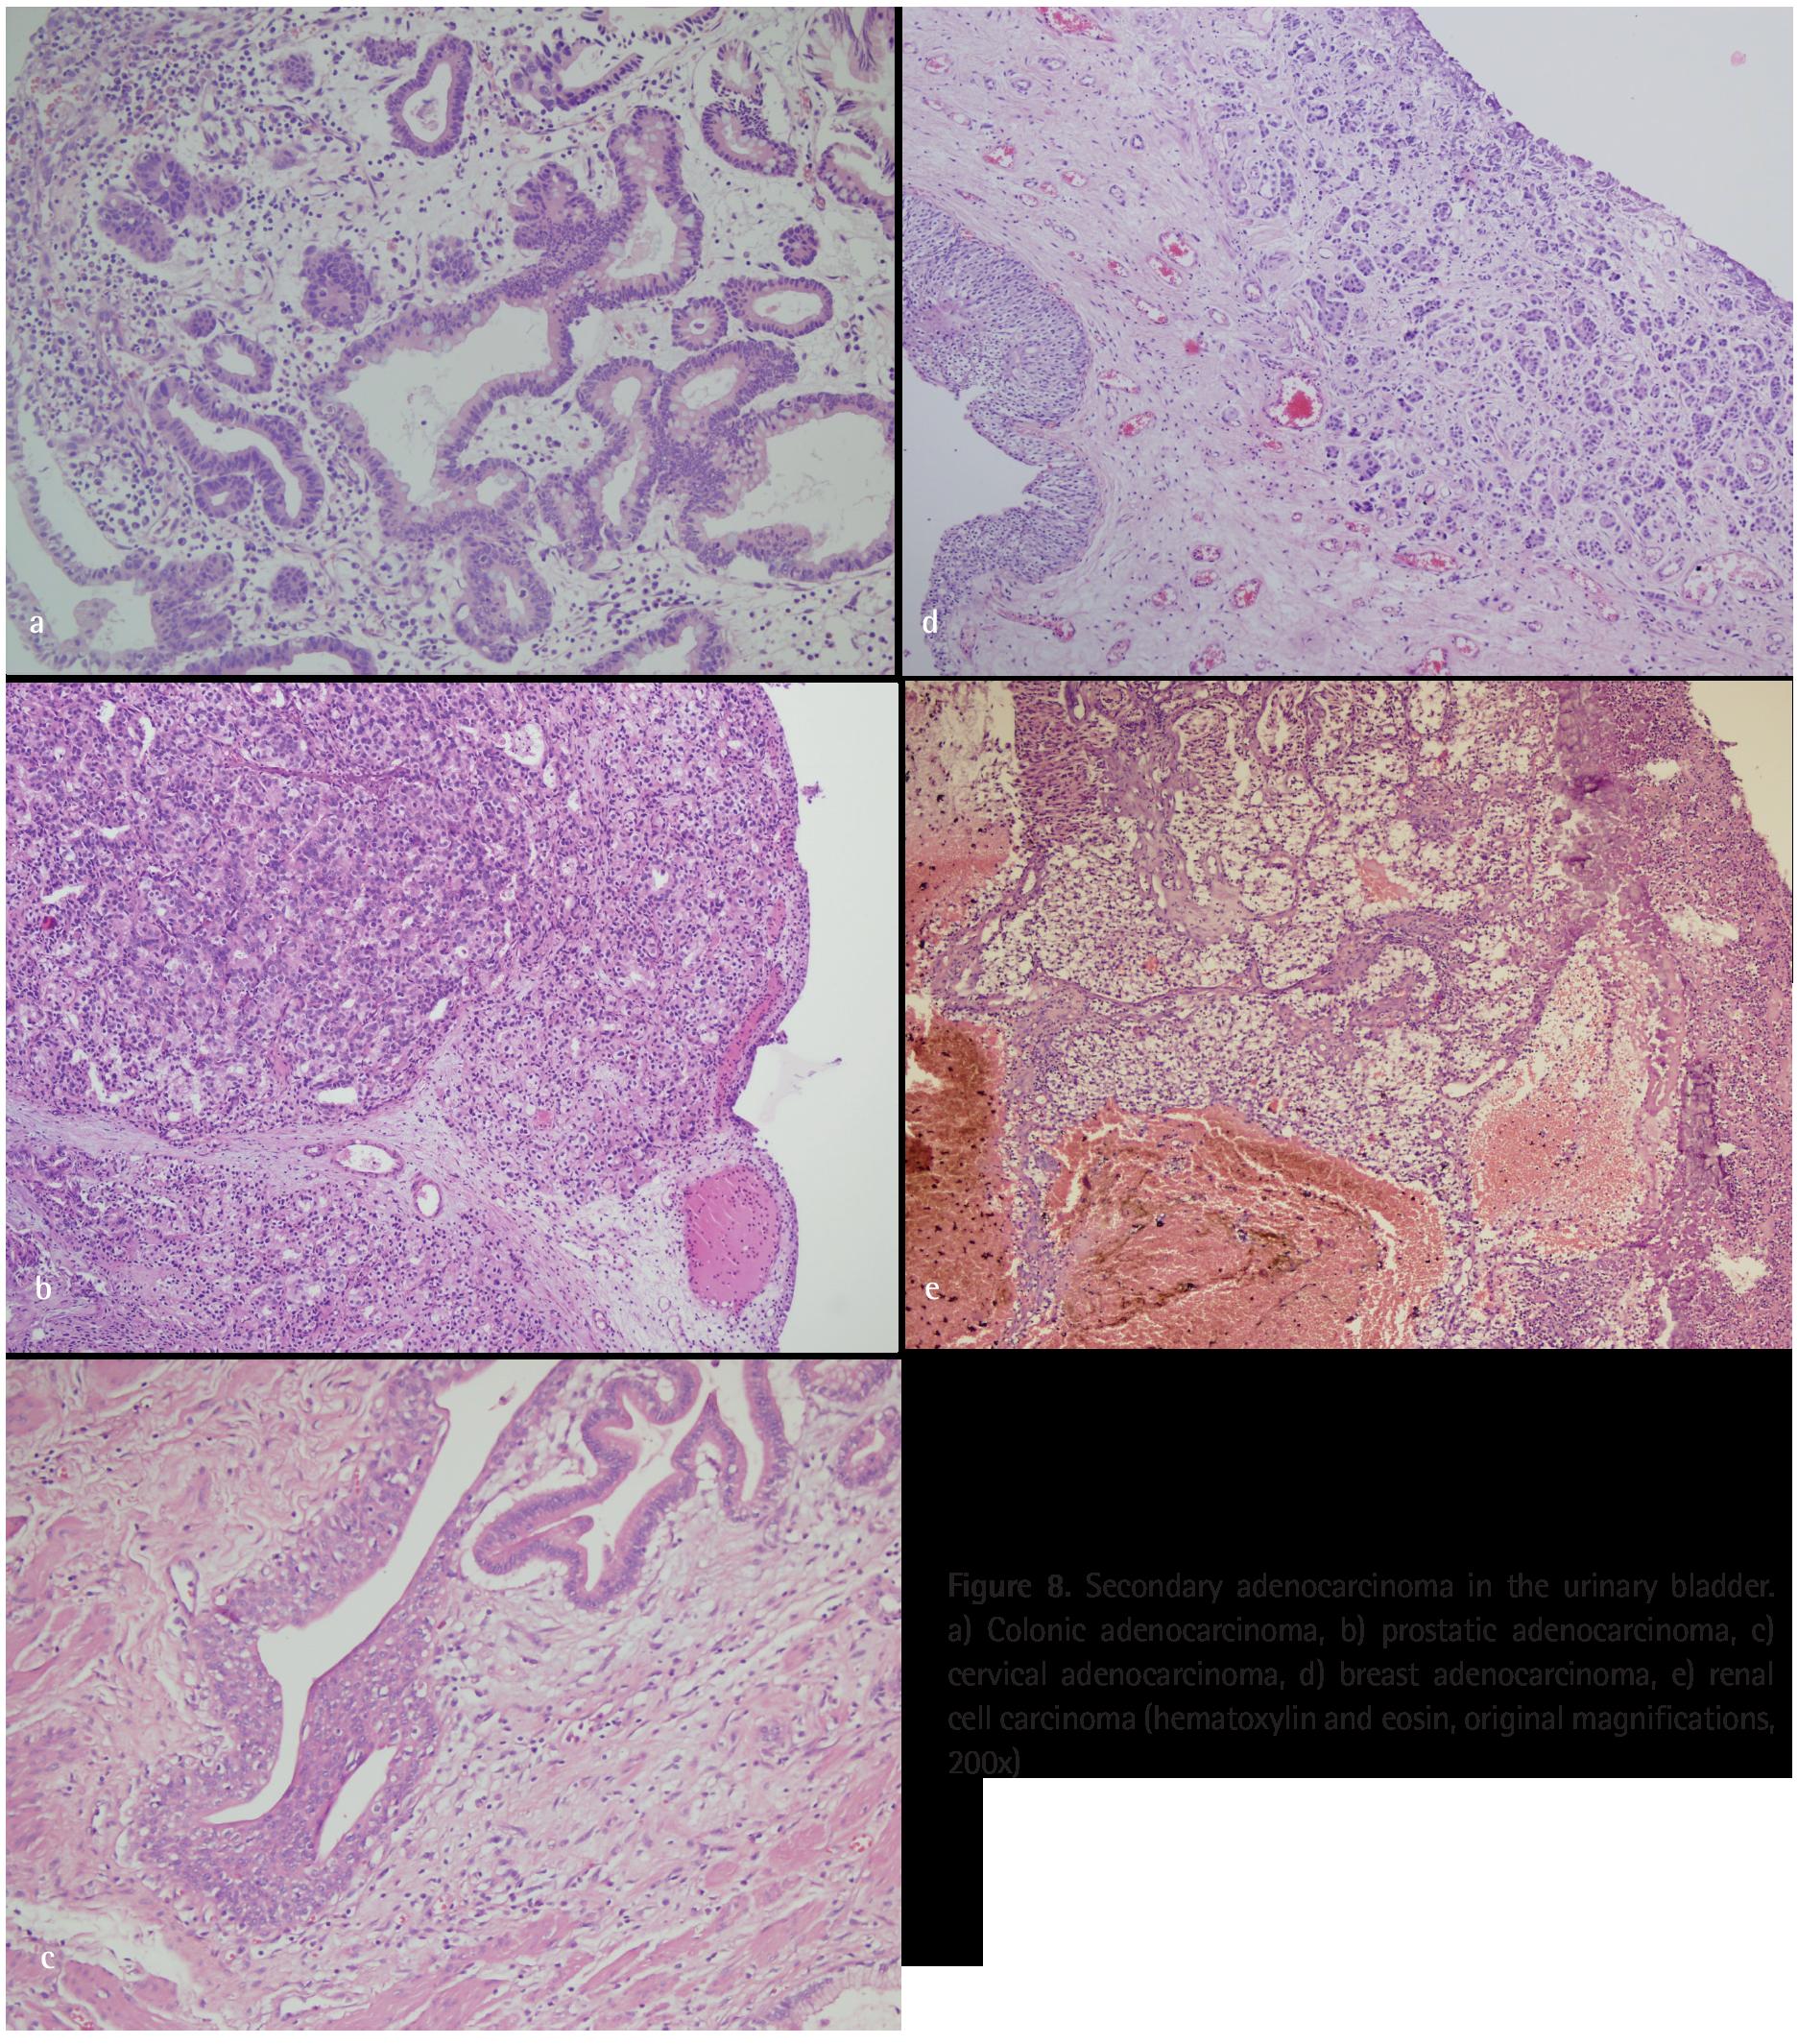 prostate vs urothelial carcinoma immunohistochemistry